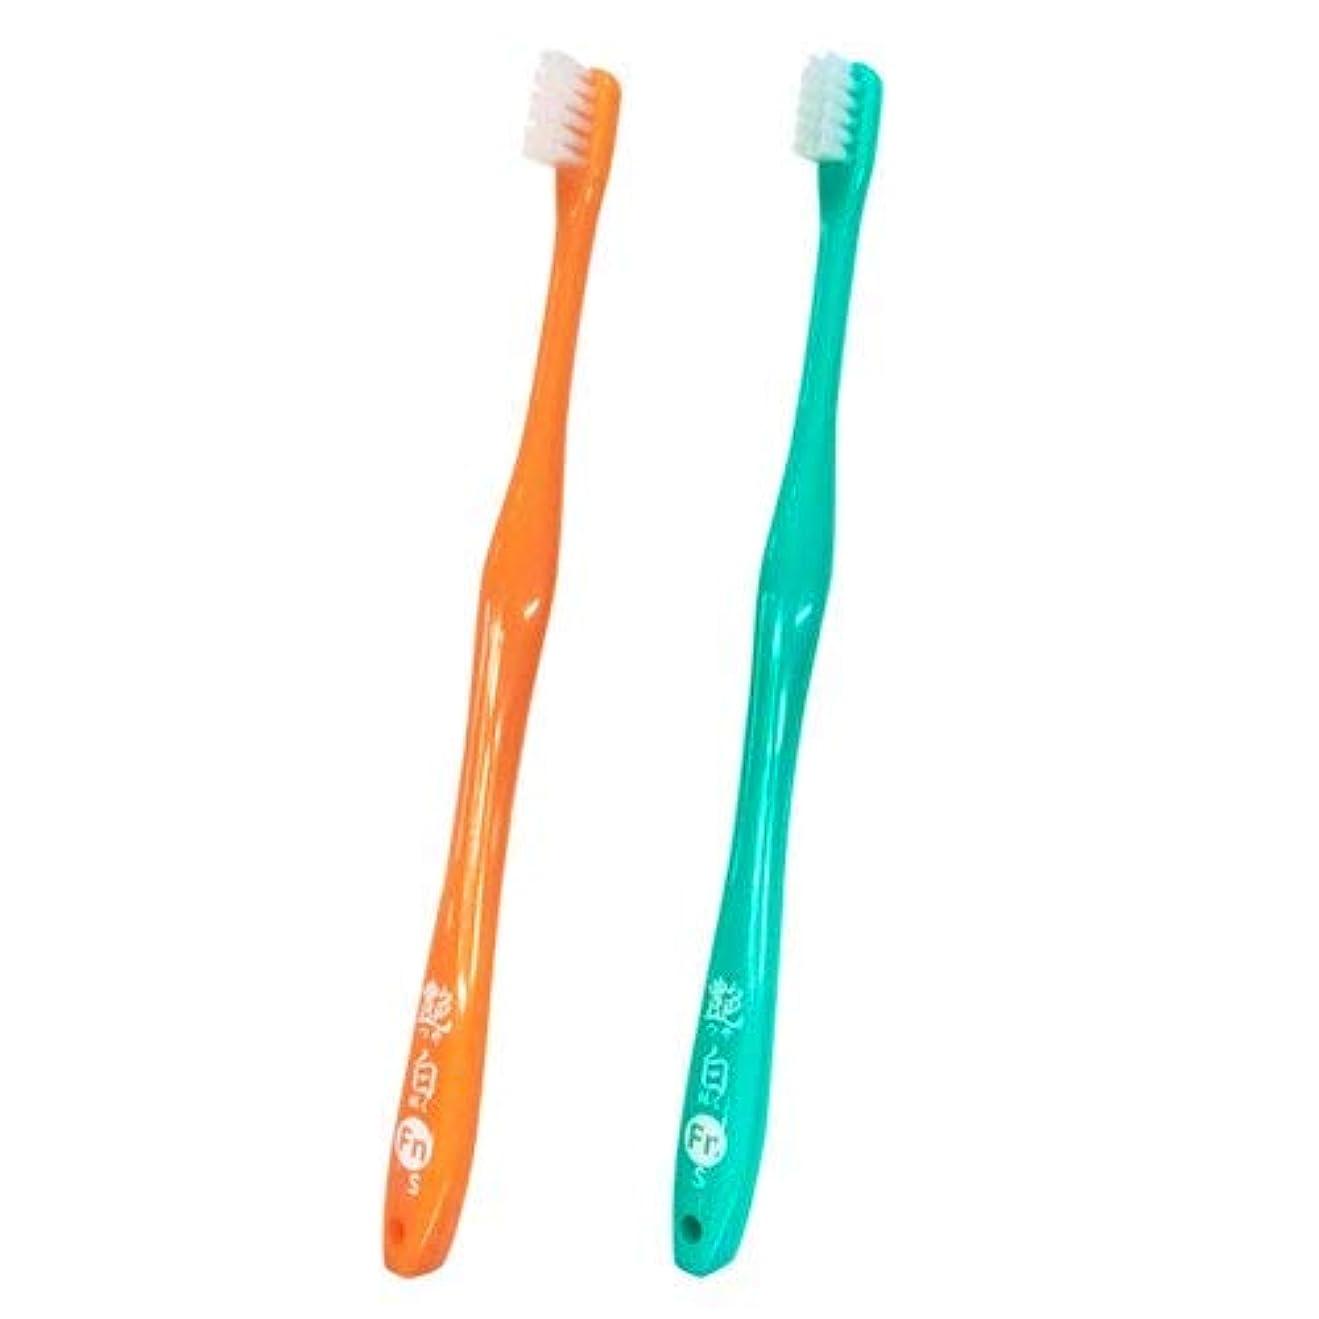 削るたくさんの爆発物艶白(つやはく) Fn フィニッシュ 仕上げ用 歯ブラシ×10本(MS)【日本製】